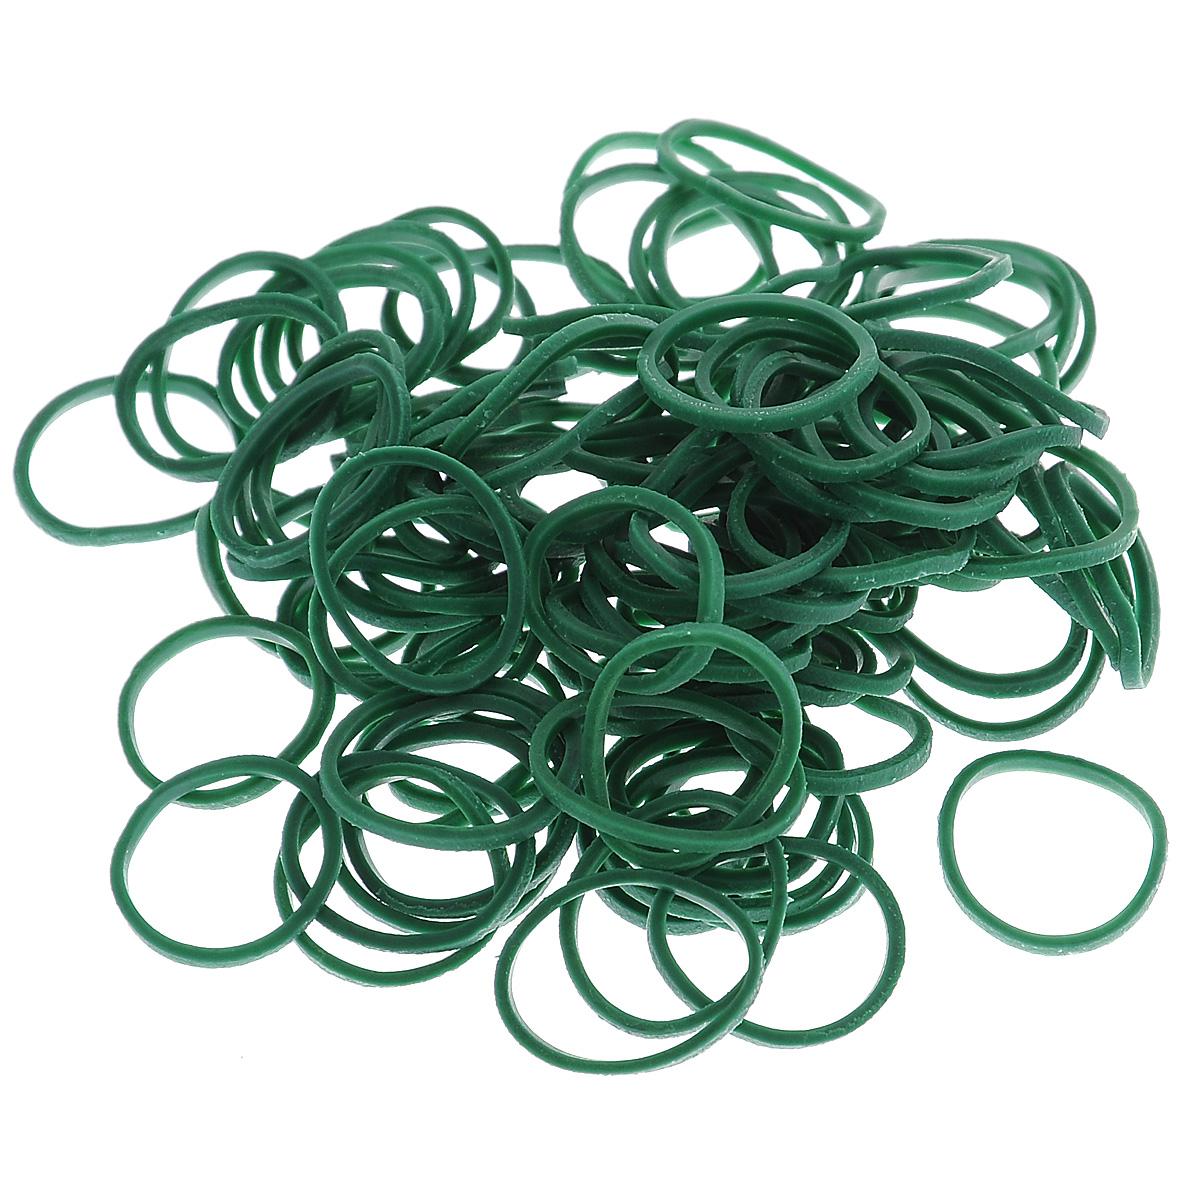 Резиночки безлатексные Rainbow Loom Solid Bands, с клипсами, цвет: темно-зеленый, 600 шт белоснежка резиночки для плетения цвет светло зеленый 1000 шт